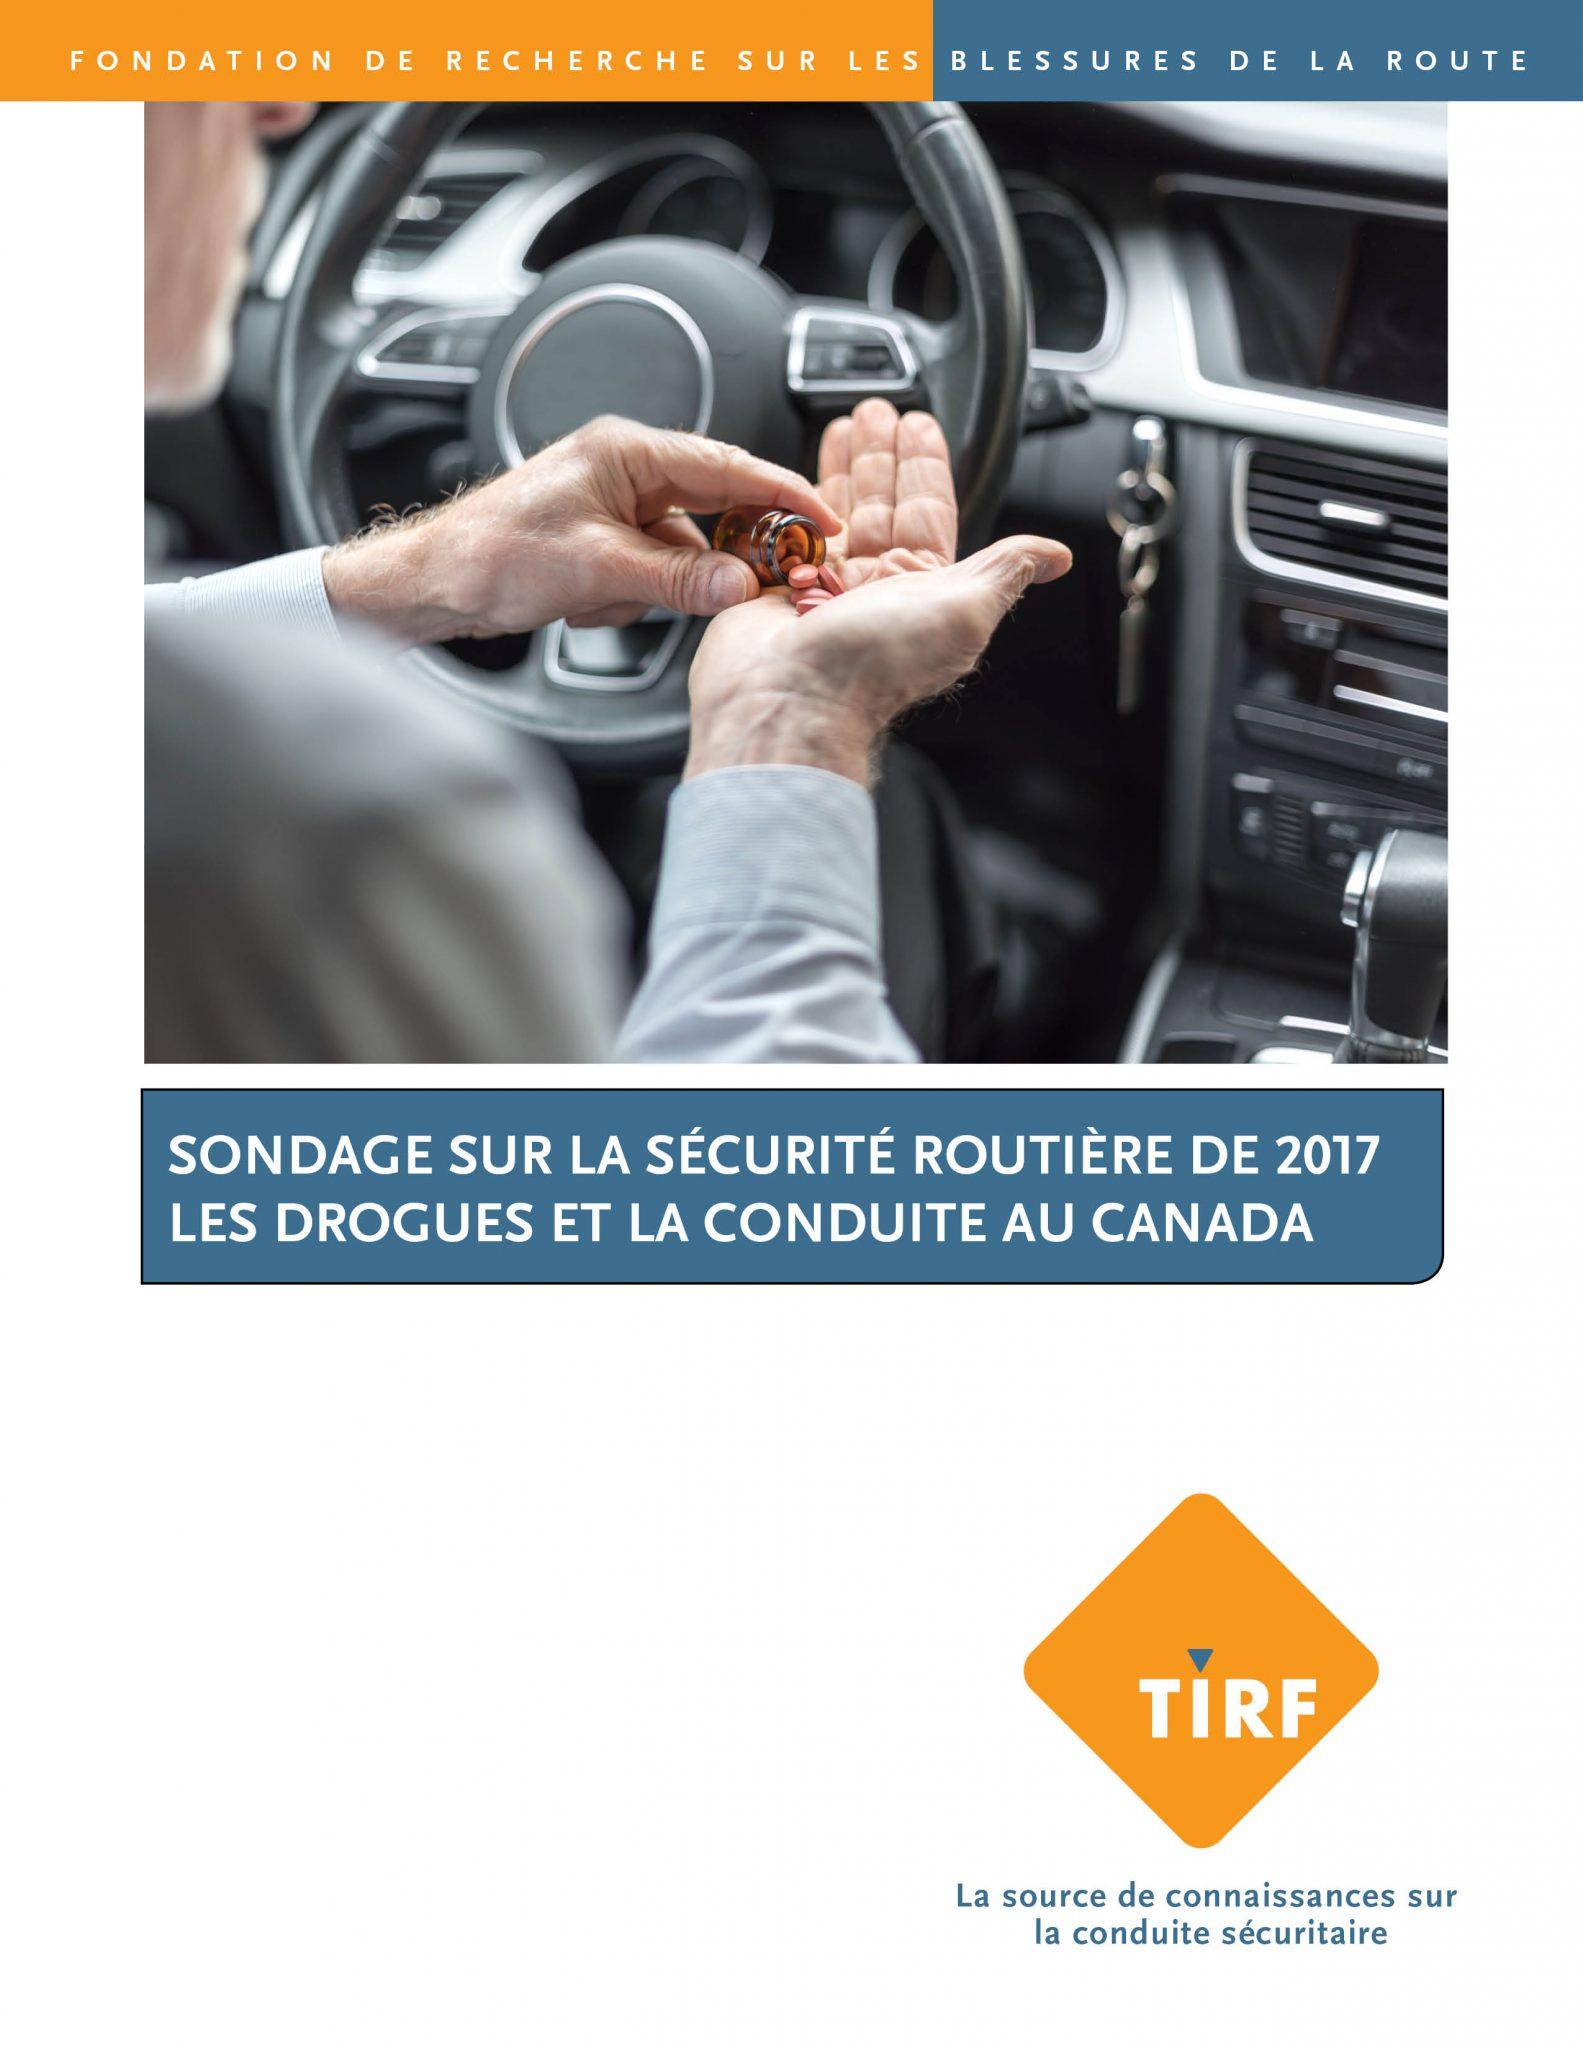 Sondage sur la sécurité routière de 2017, les drogues et la conduite au Canada